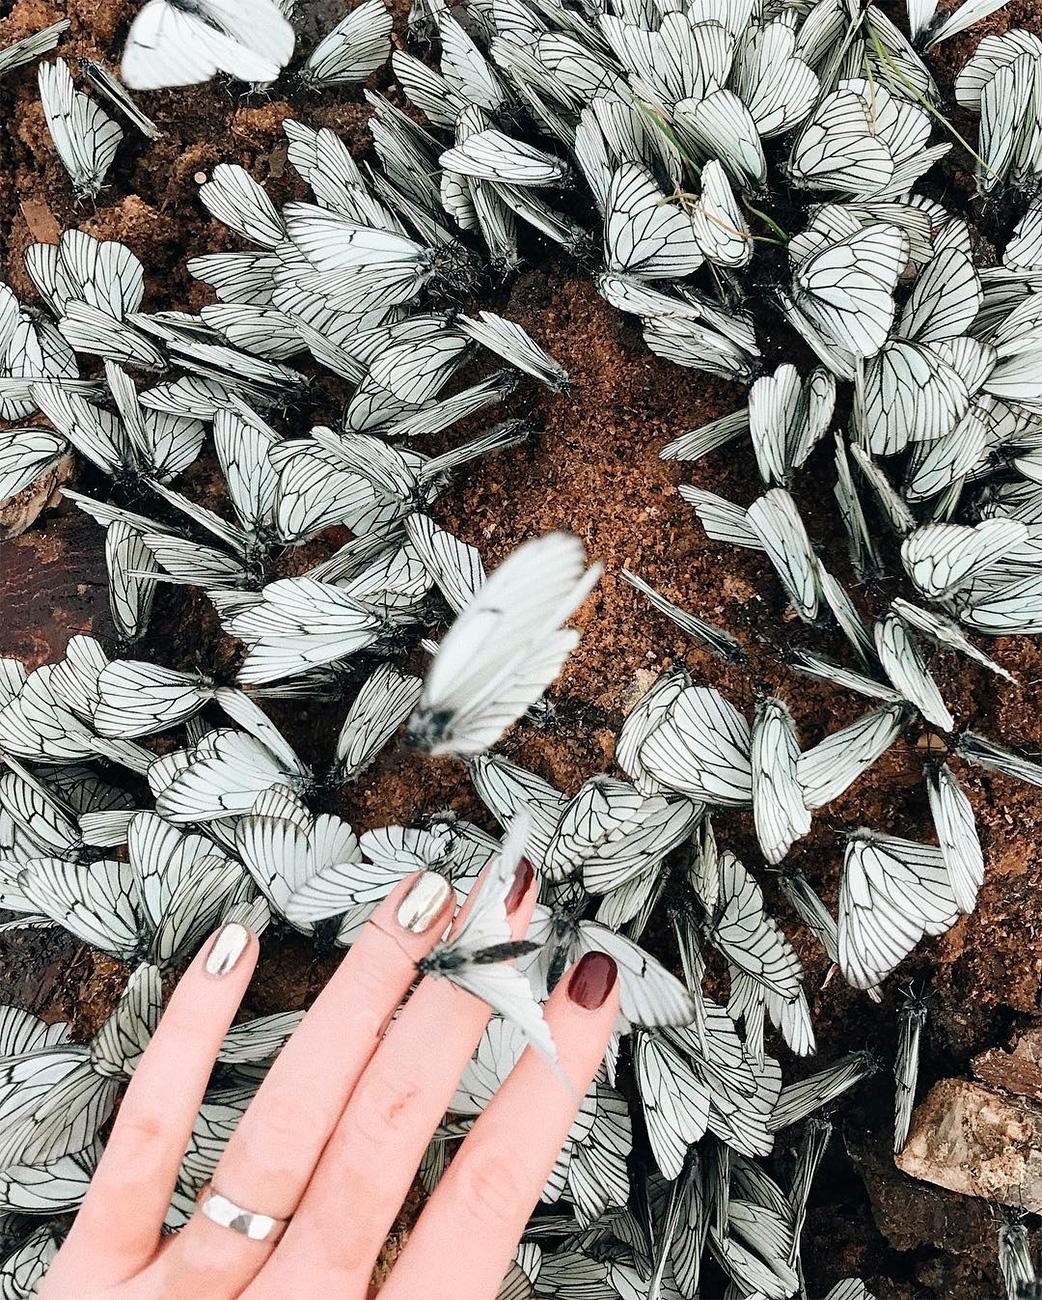 別の美しい自然現象は、エゾシロチョウと関係している。さなぎの段階を終えると、まるで出血しているかのように、木の葉では赤い液滴が乾燥する。雨が強く降ると、液滴は「血の雨」に変わる。シベリアは写真家のメッカとして、まだまだ驚かせてくれそうだ。